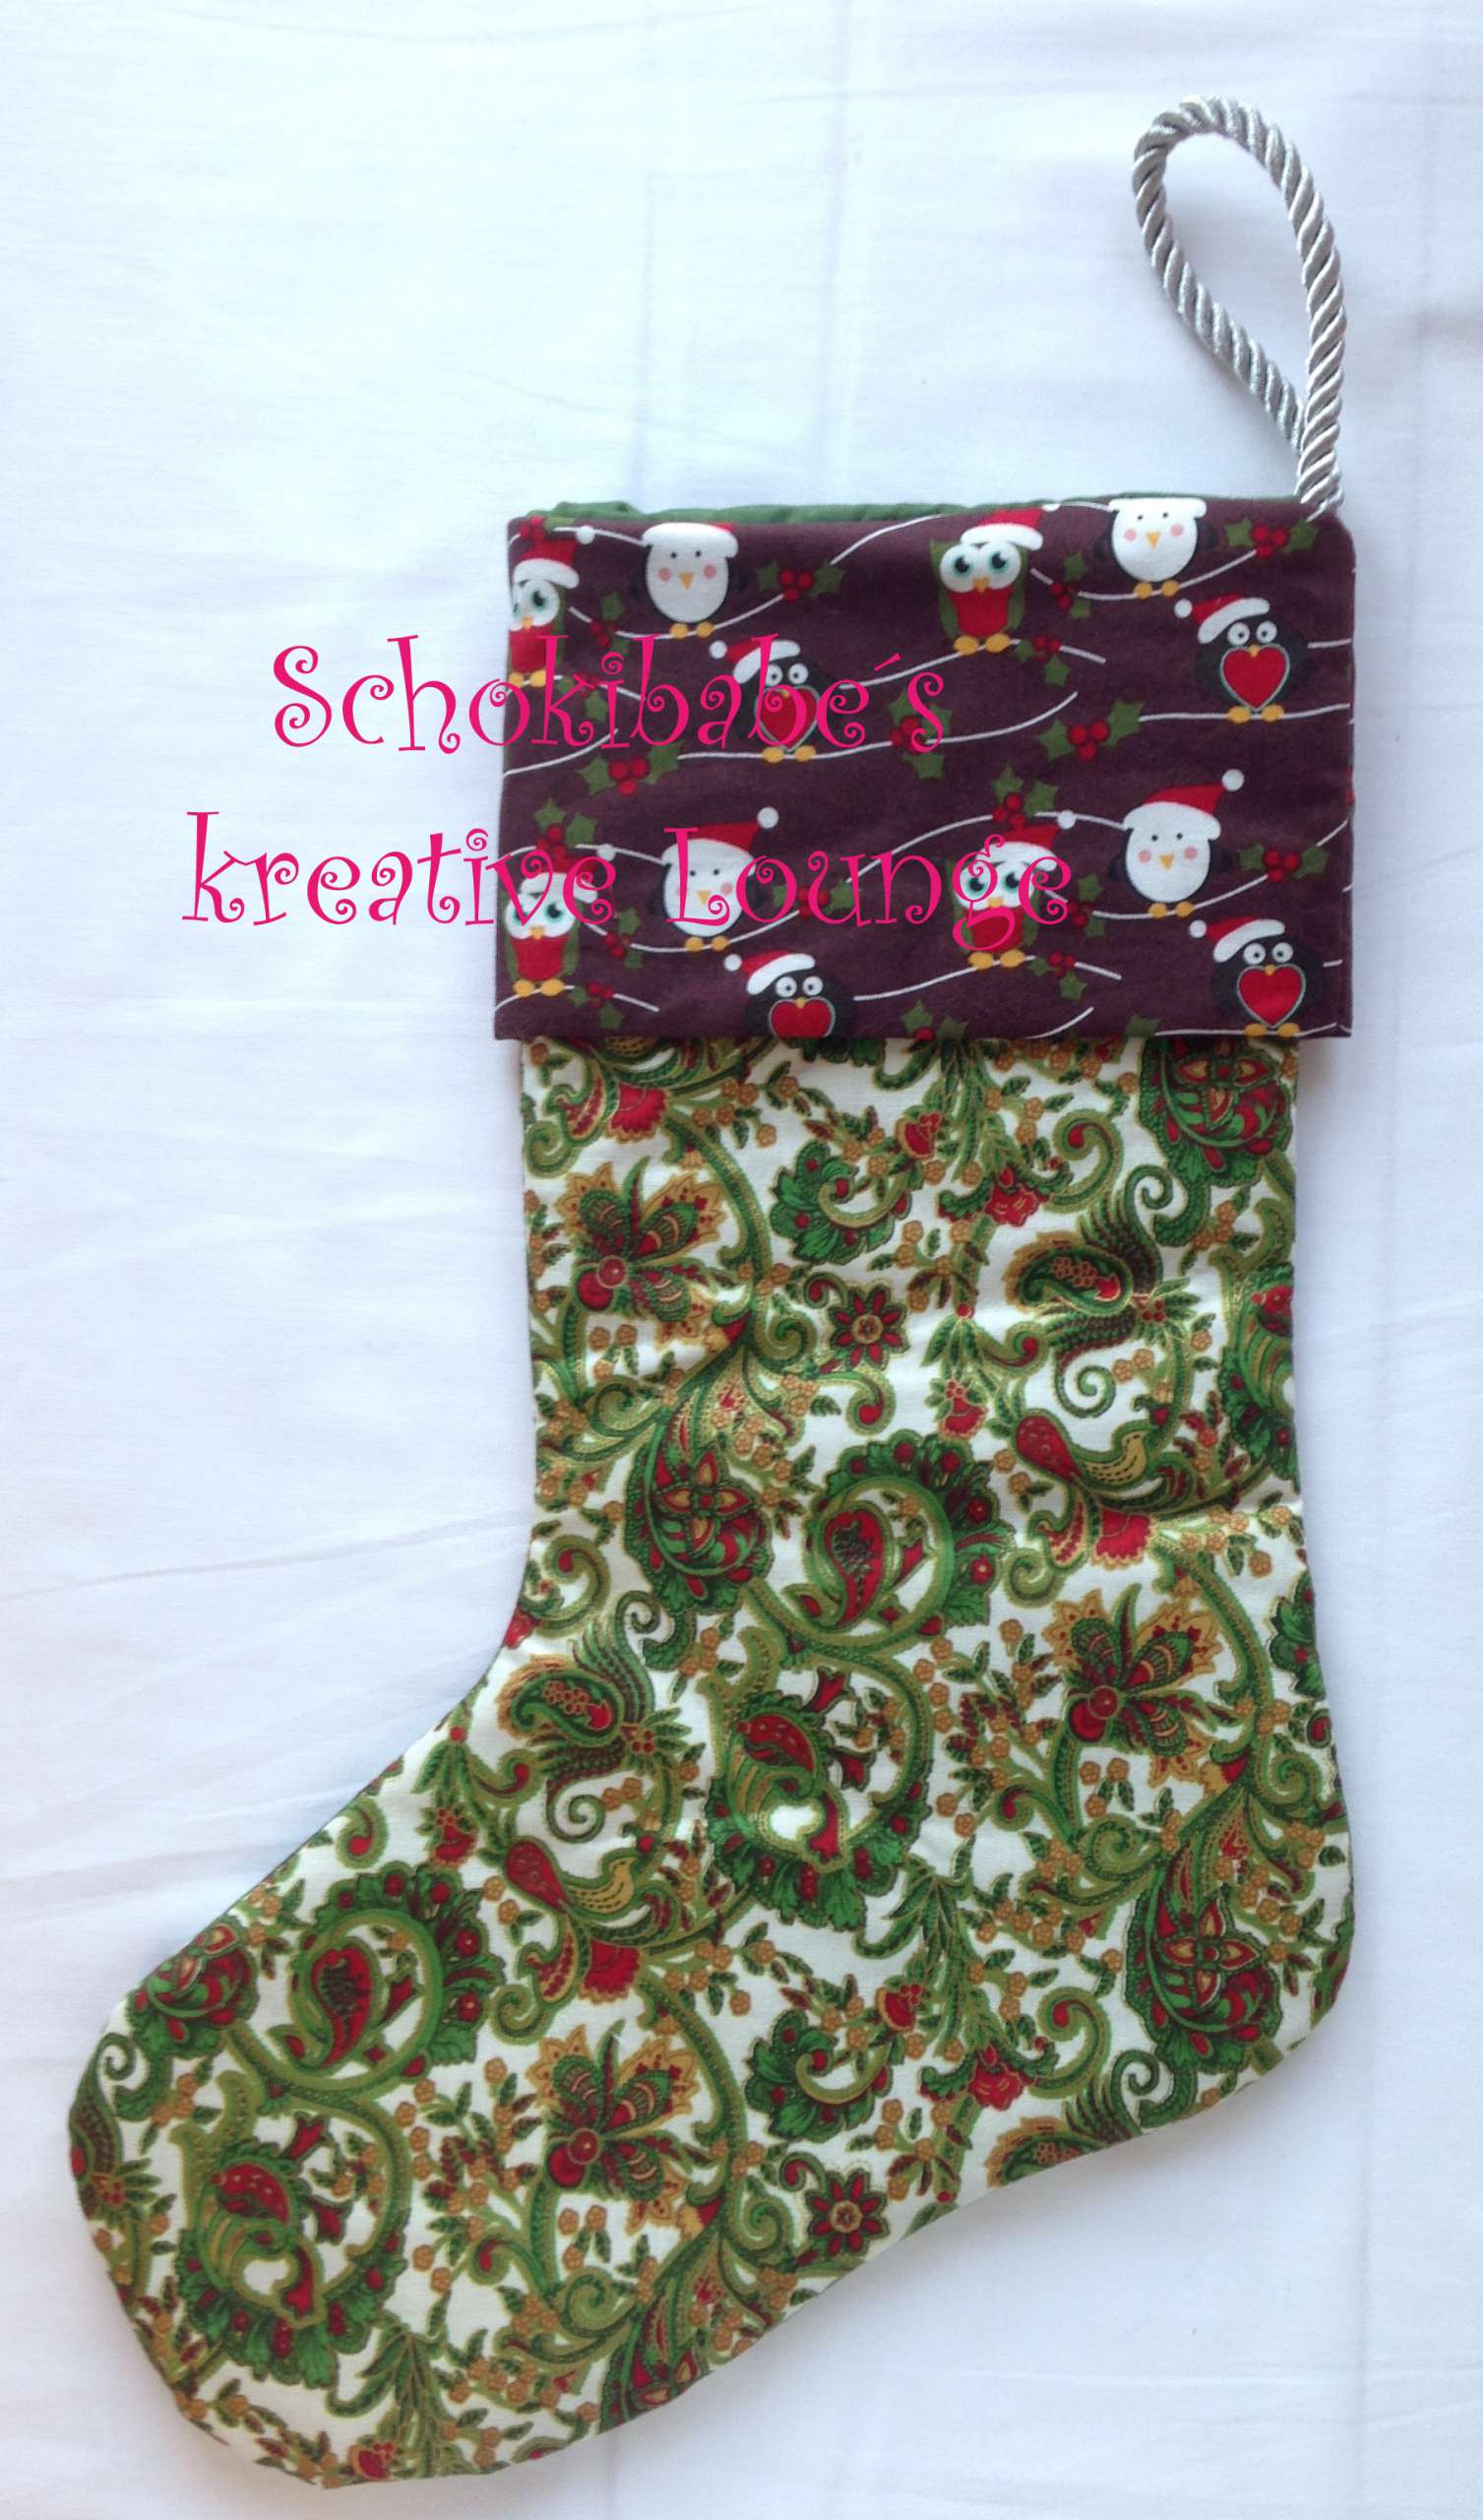 Schokibabe München stoffladen trudering weihnachten nikolaus